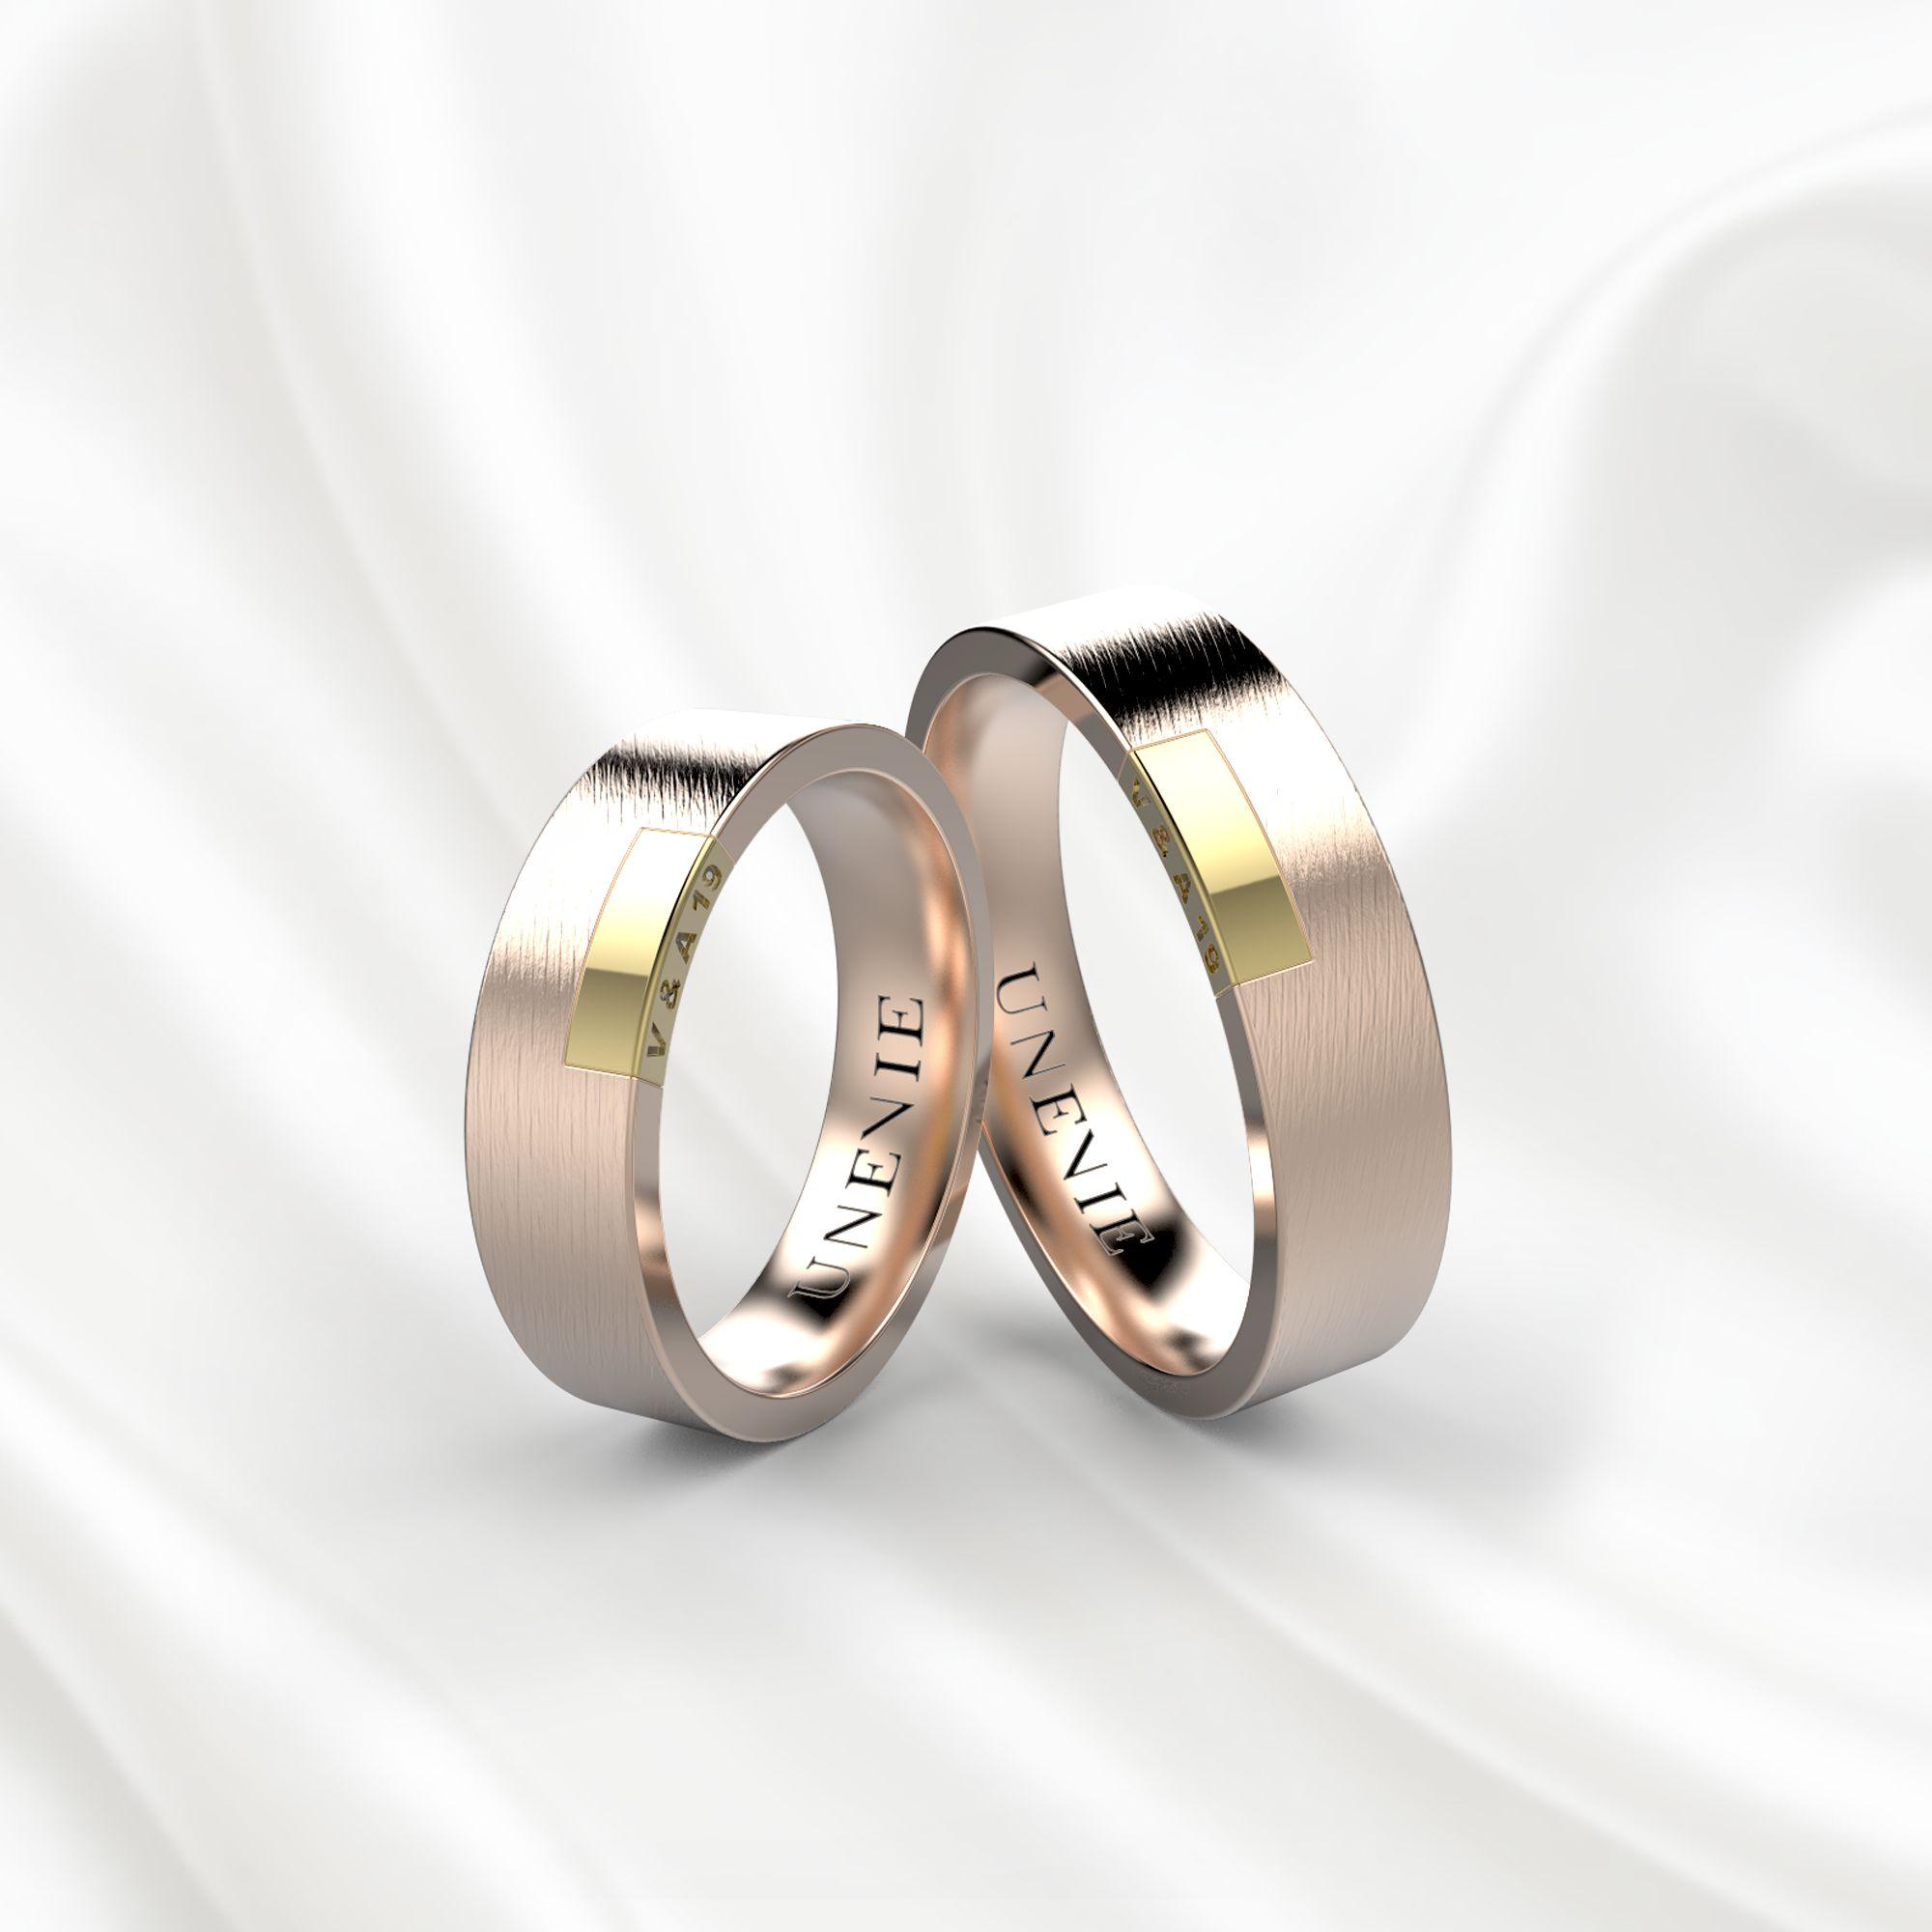 NV19 Обручальные кольца из розово-желтого золота